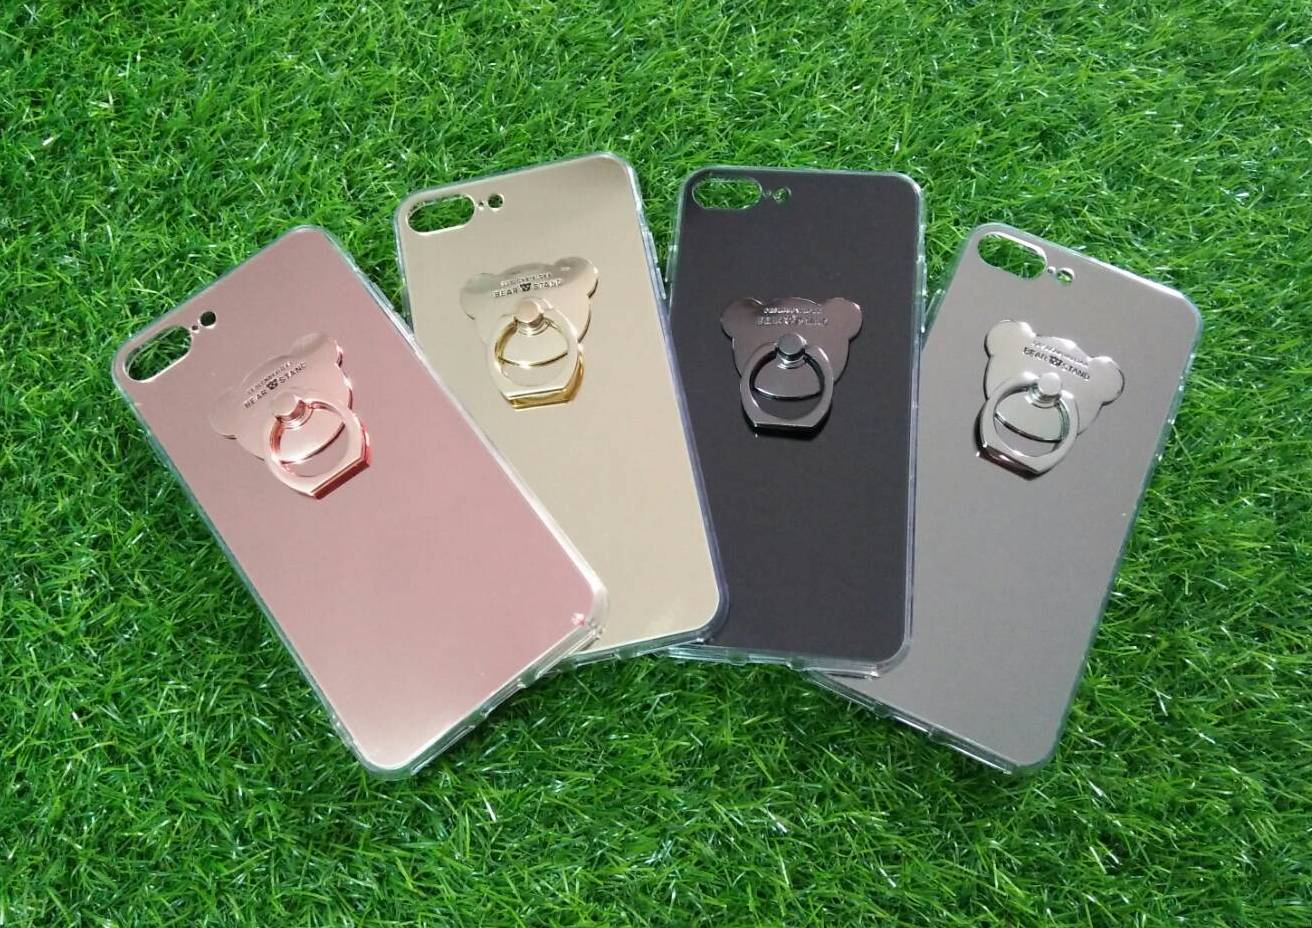 TPU โครเมี่ยมพร้อมแหวน(NEW) iphone7/iphone8(ใช้เคสตัวเดียวกัน)